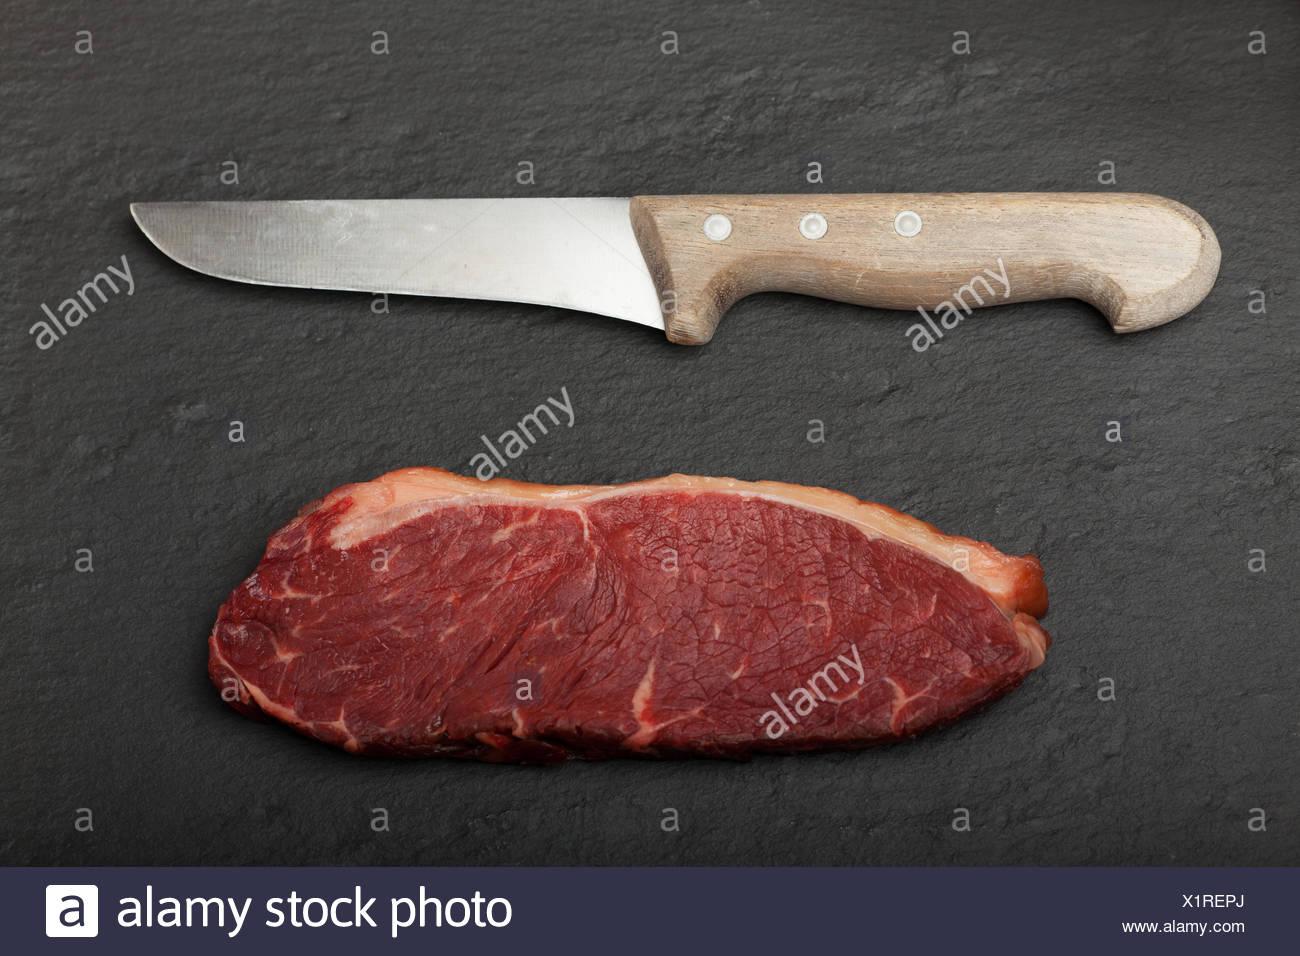 Kuche Kuche Roh Steak Steak Arm Waffe Messer Messer Fleisch